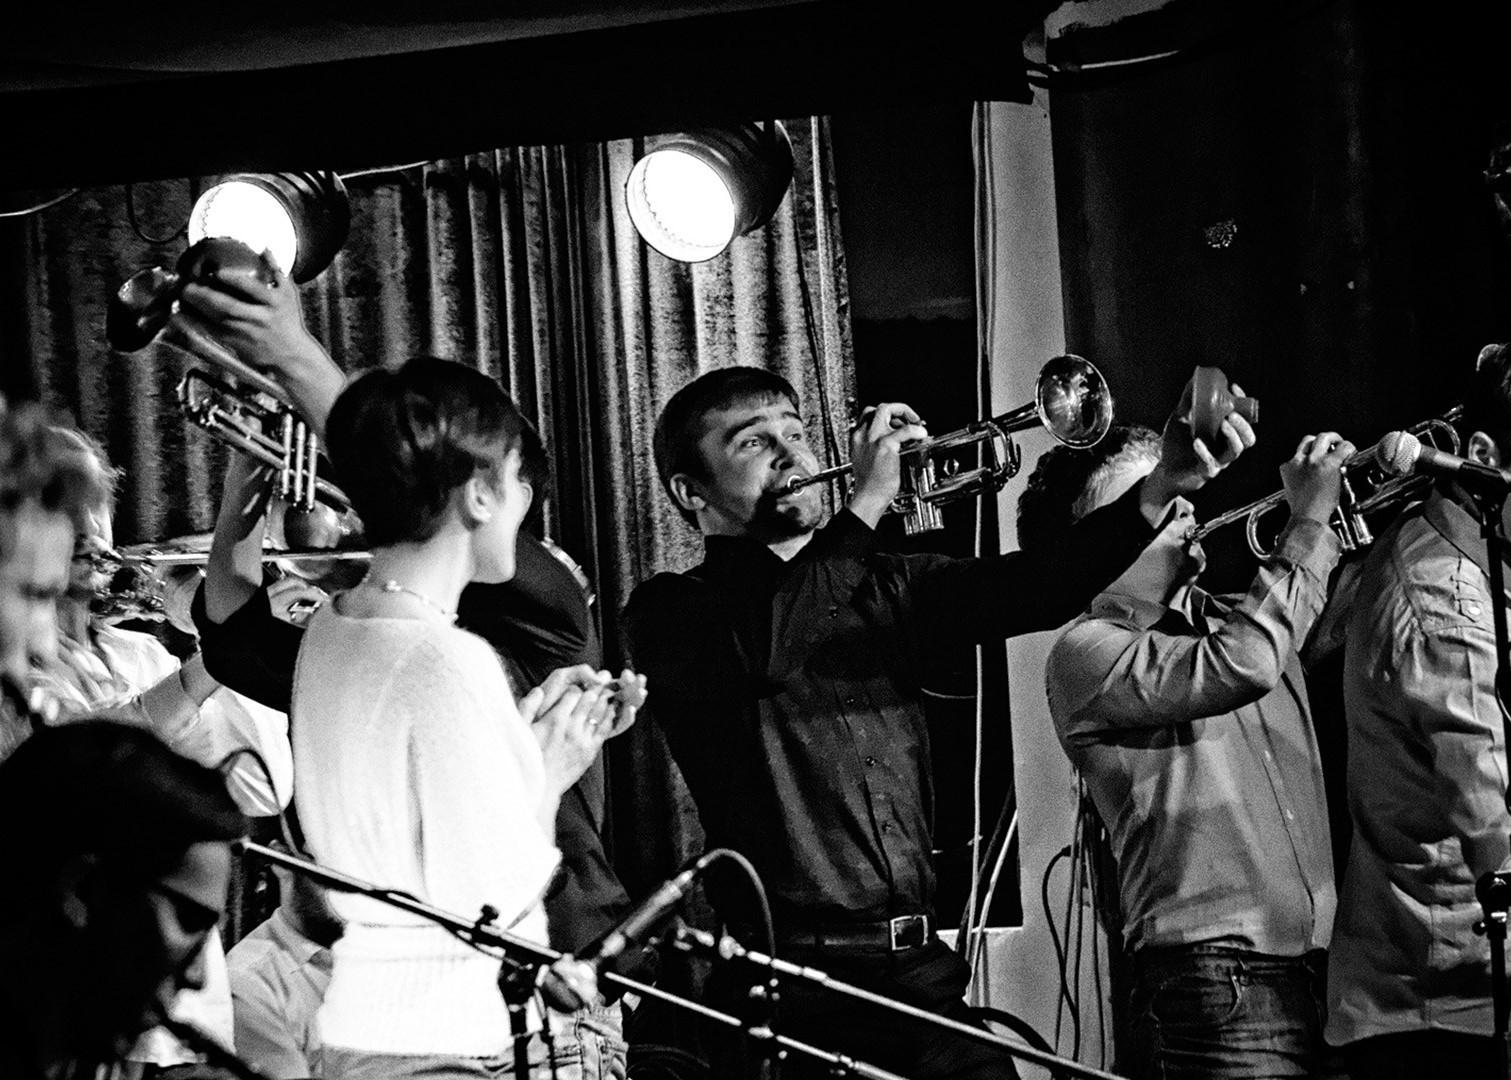 Купить билеты в Кремль на большой джазовый оркестр Петра Востокова